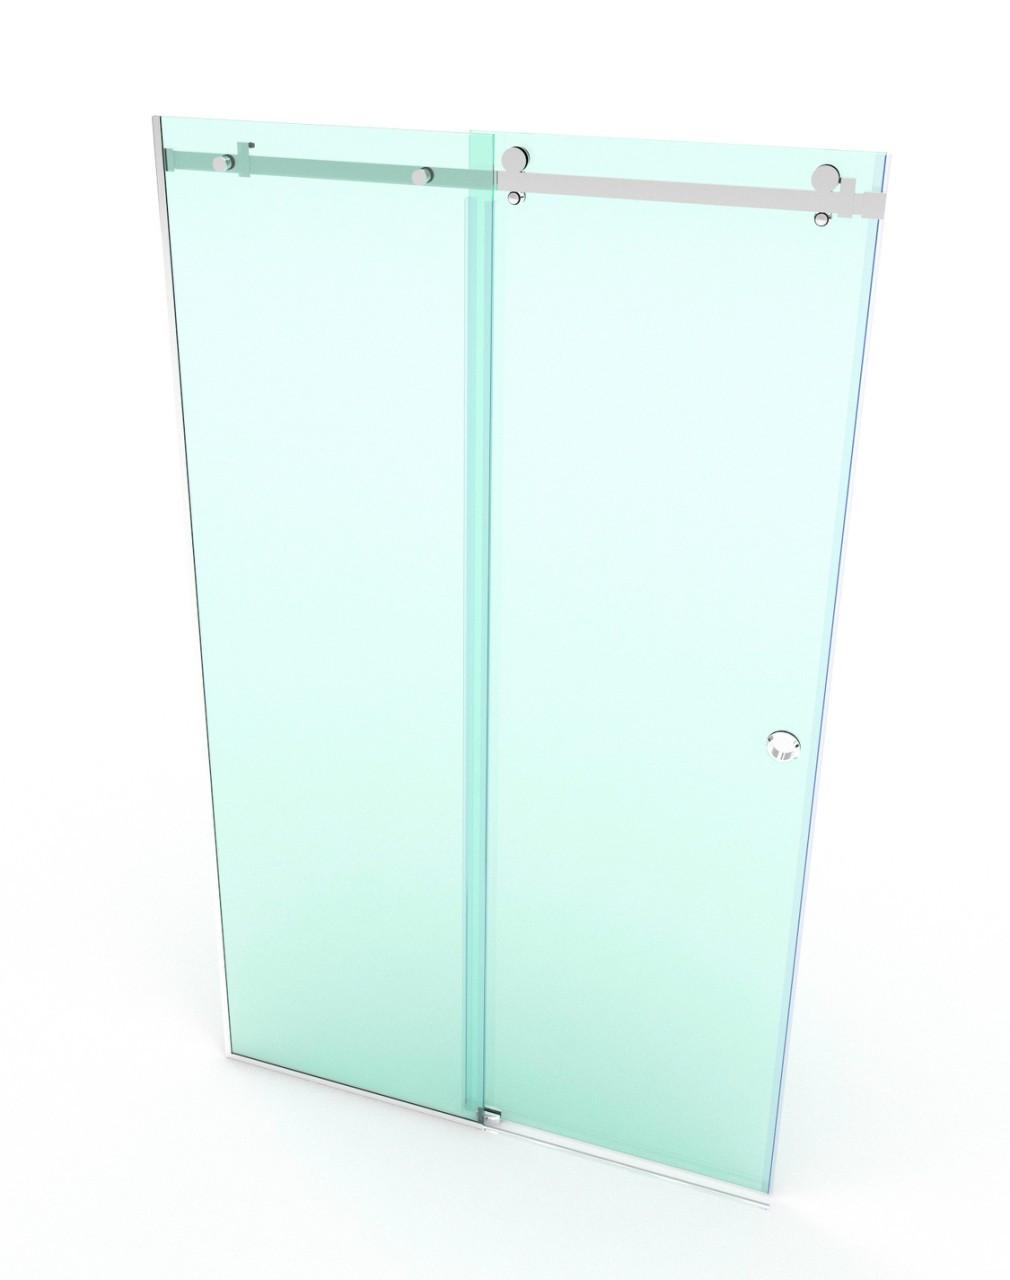 Полный комплект фурнитуры для раздвижной душевой стеклянной перегородки SD-02-01, полированная фурнитура